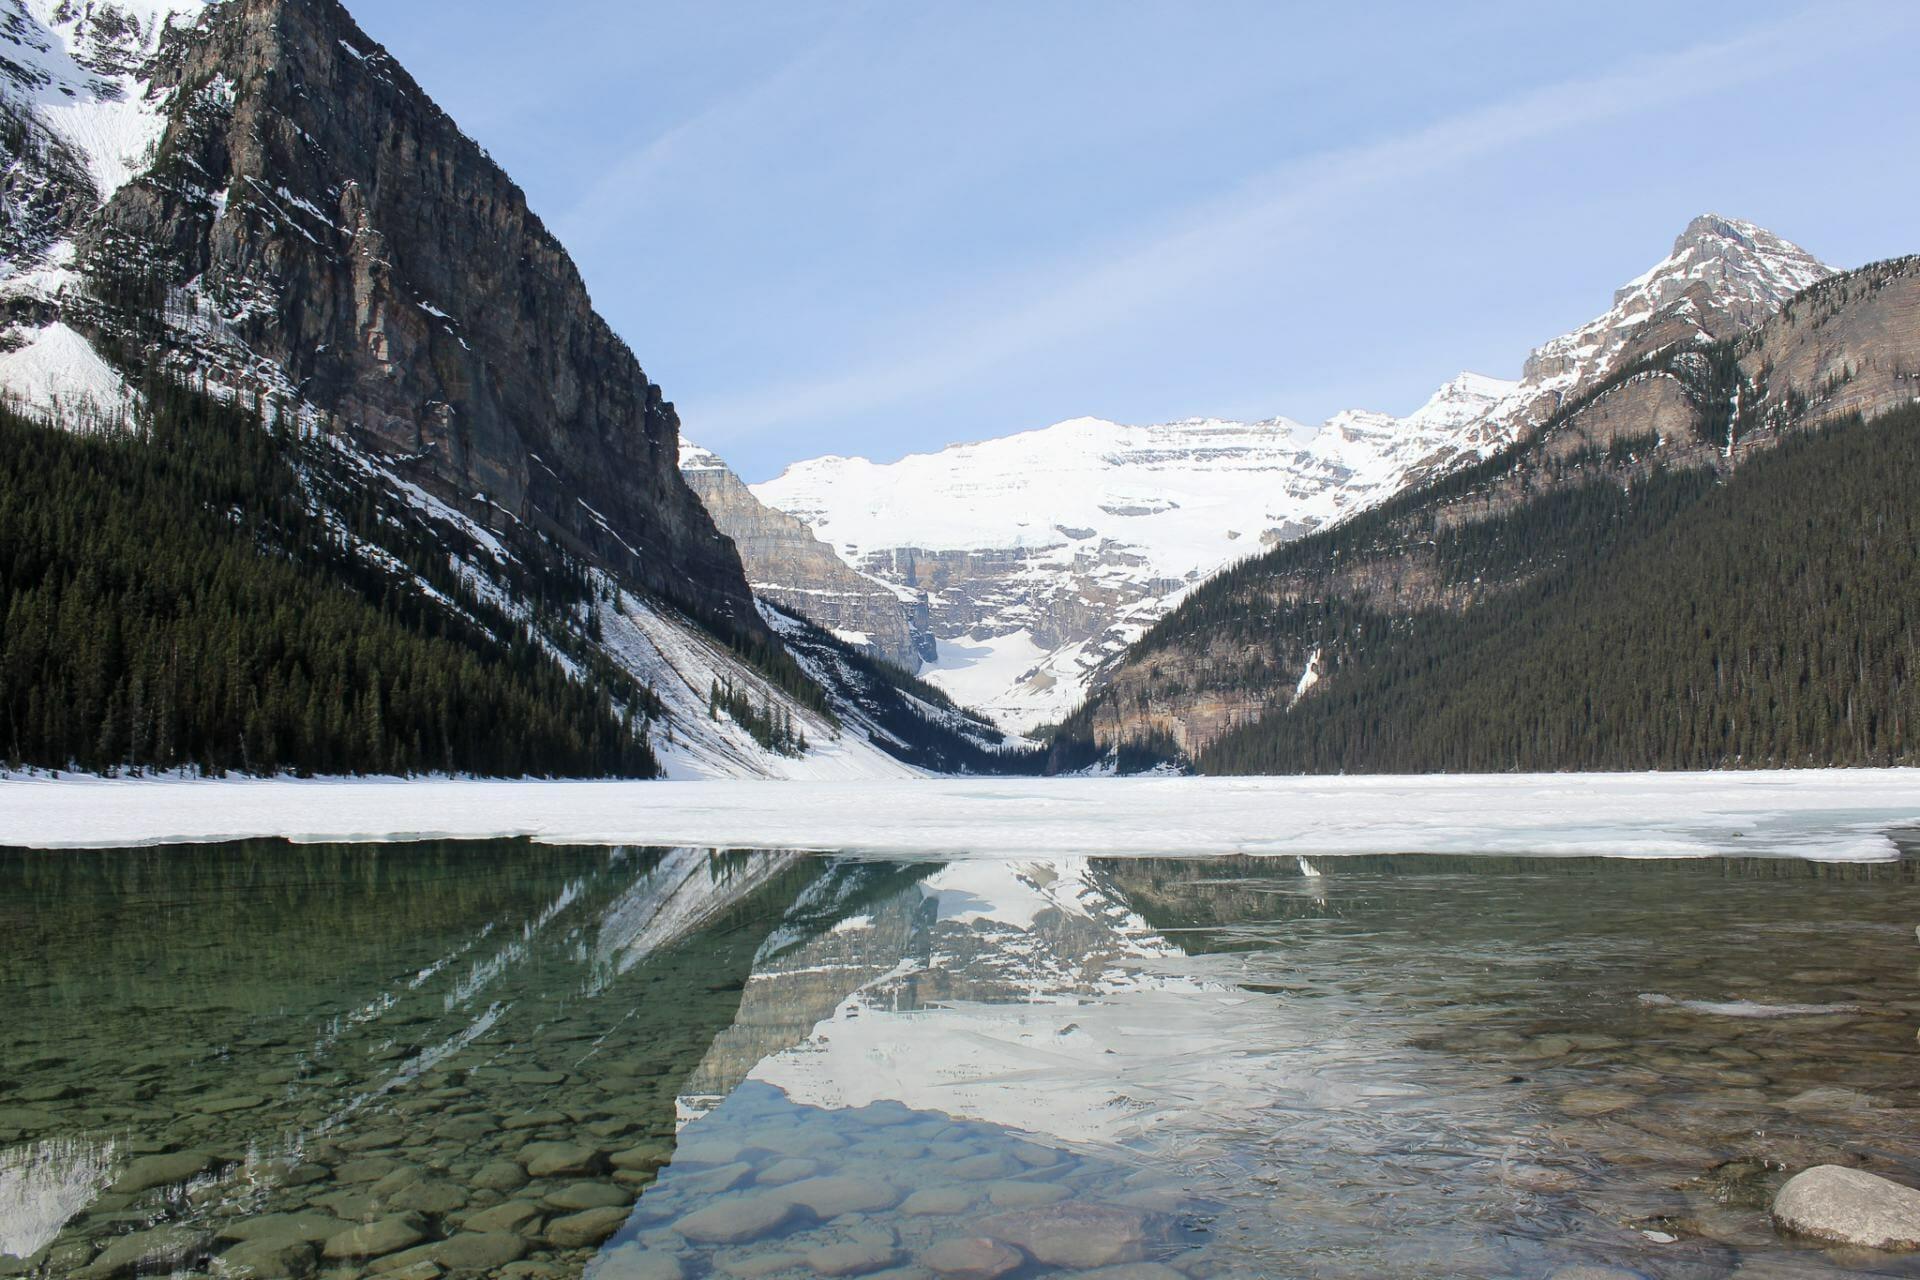 4 days in Banff - Lake Louise